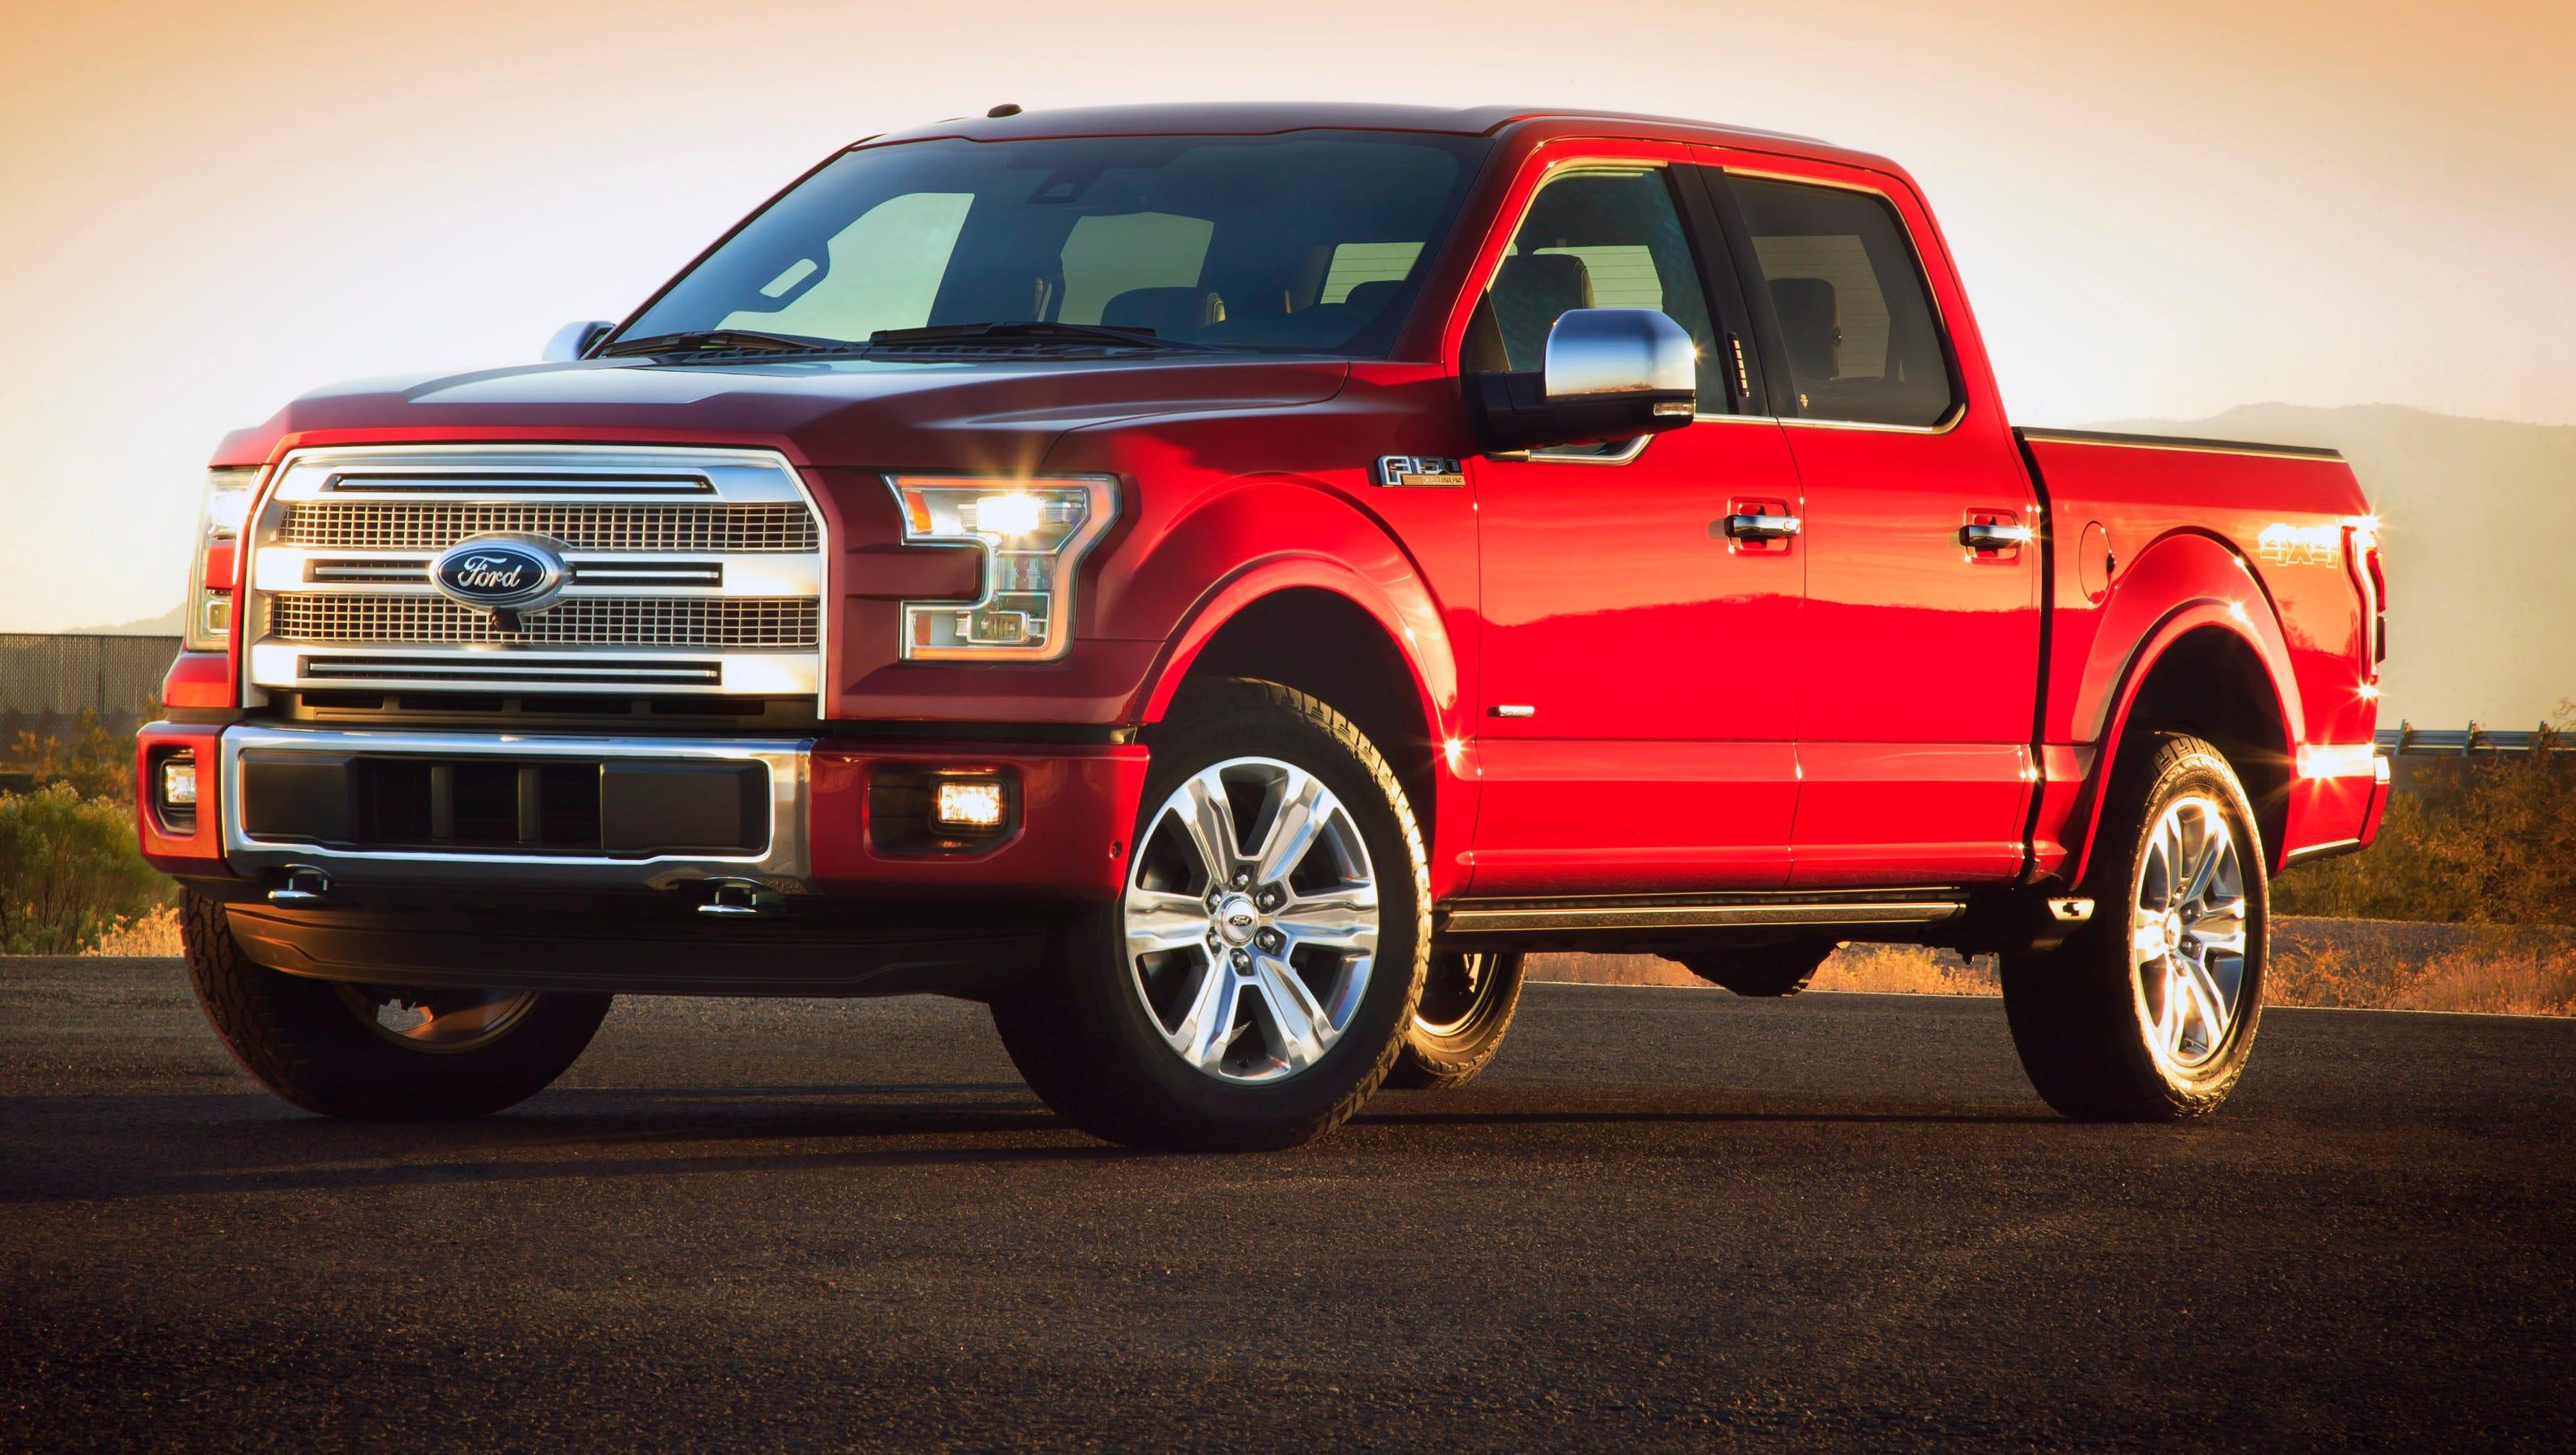 Ford, GM, Chrysler Cash In On Posh Pickups